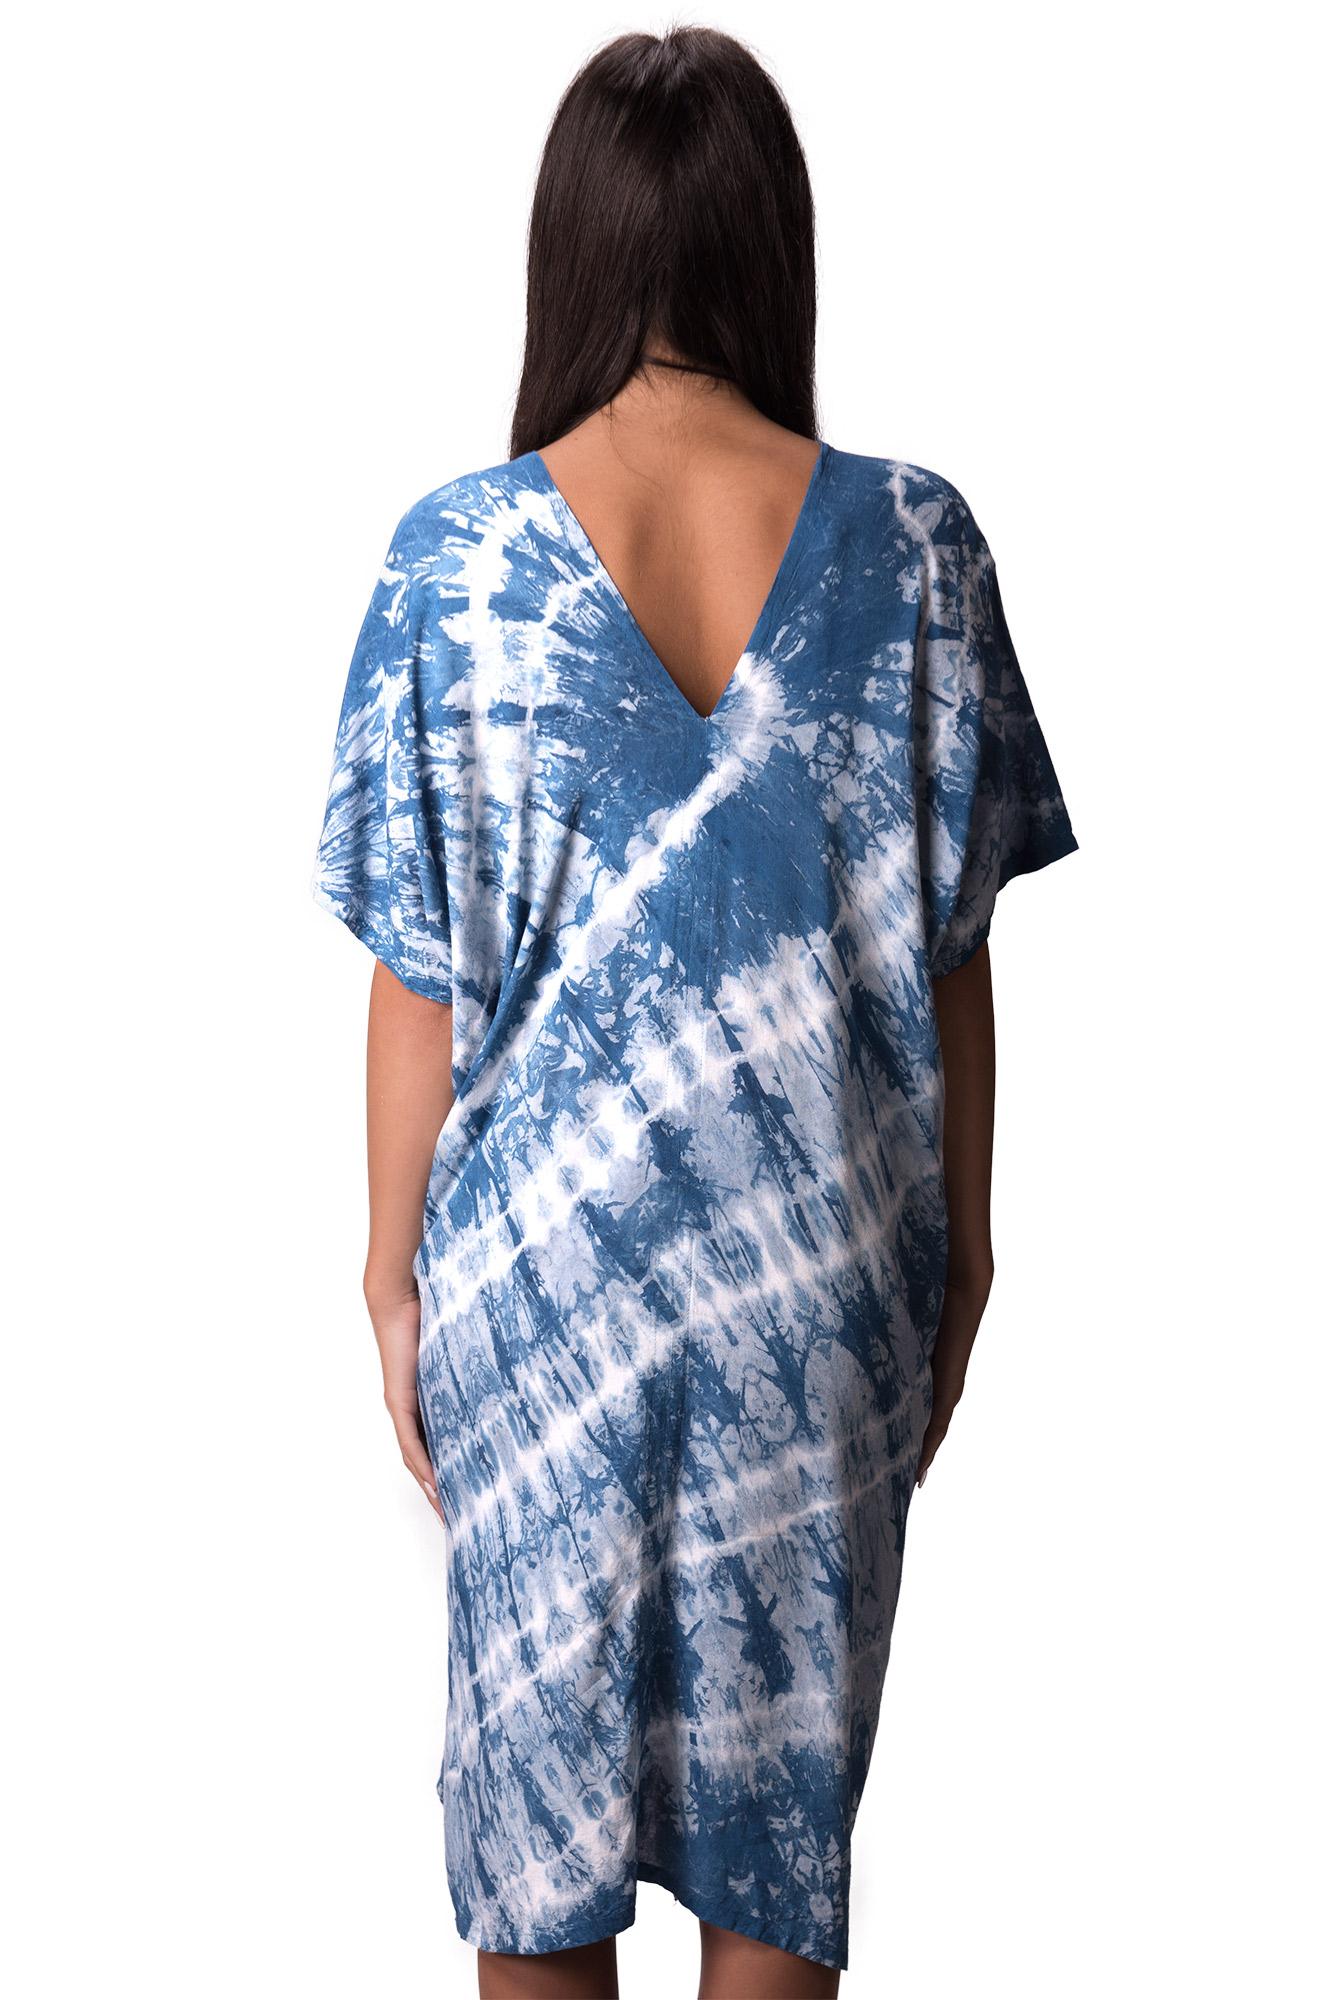 indigo V-neck dress - 4510-IM